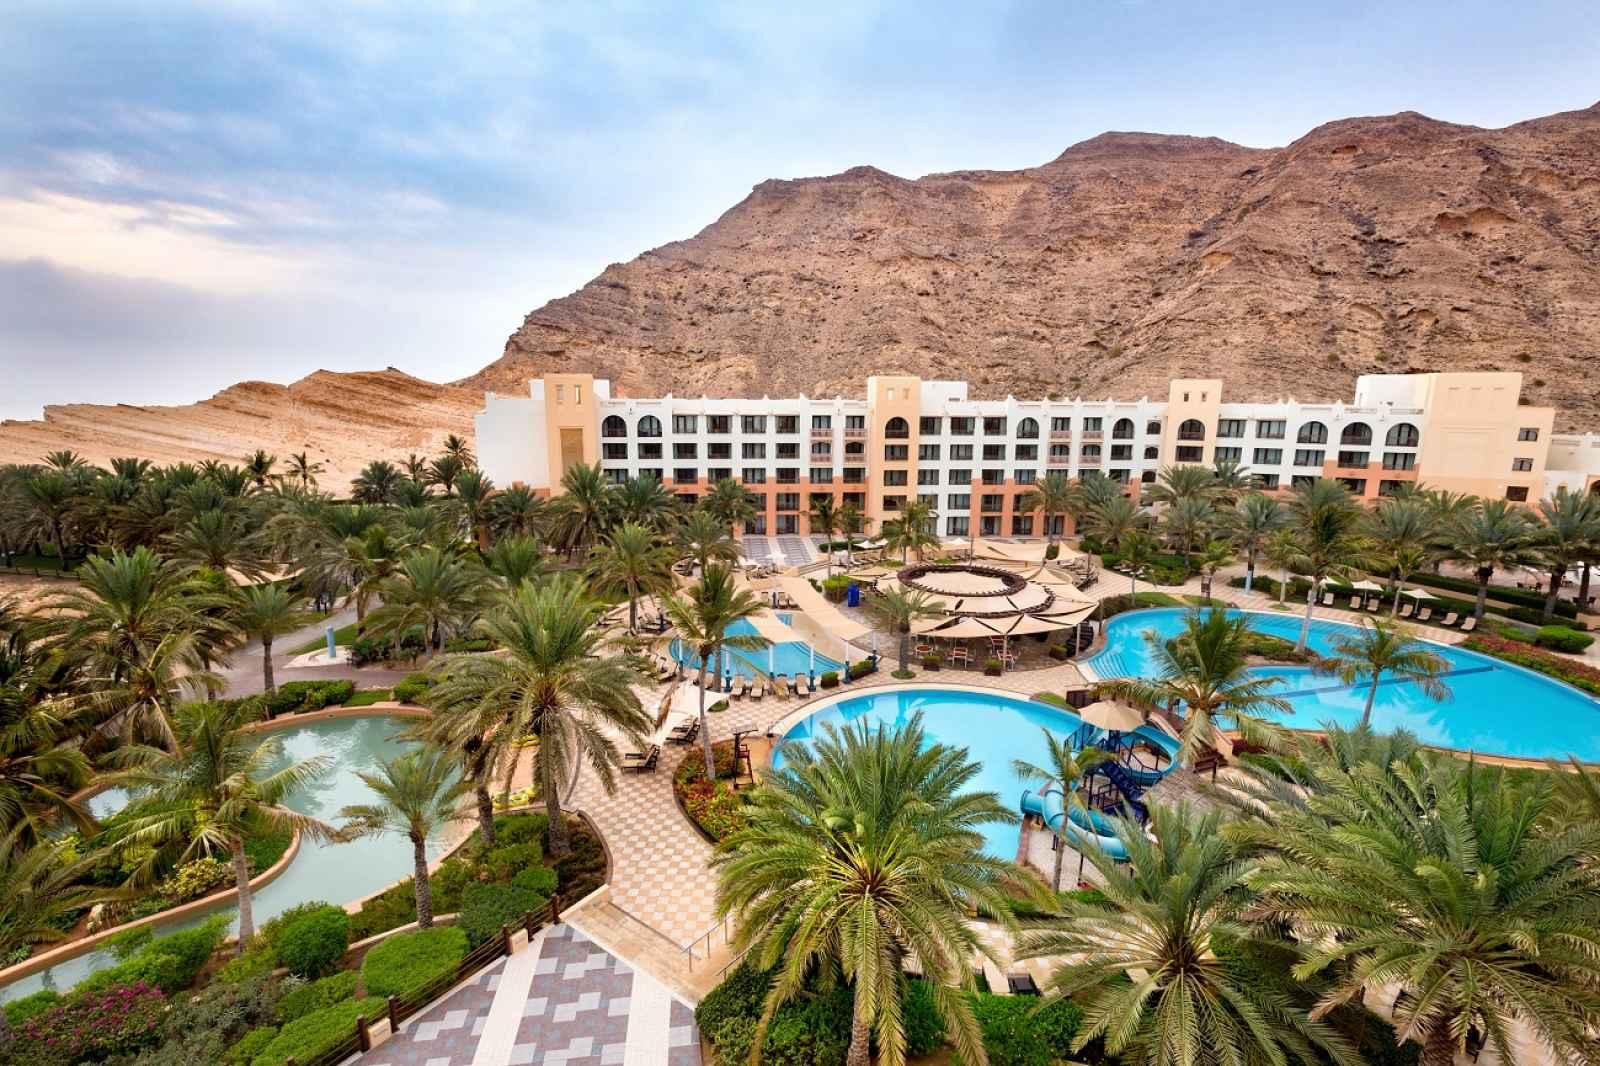 Al Waha at Shangri-La's Barr Al Jissah Resort & Spa - 5*